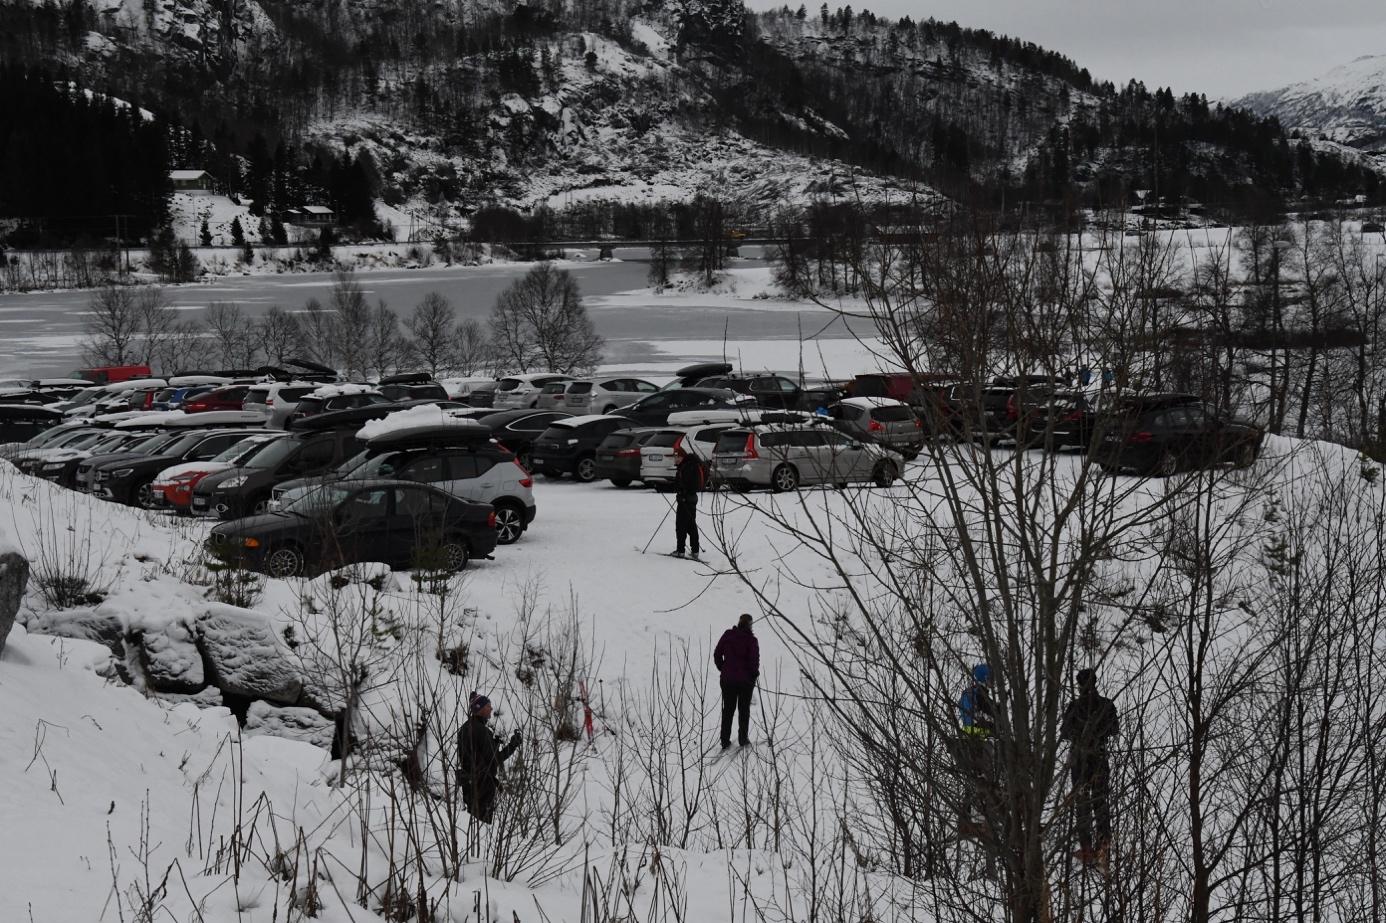 Et bilde som inneholder utendørs, snø, tre, natur  Automatisk generert beskrivelse